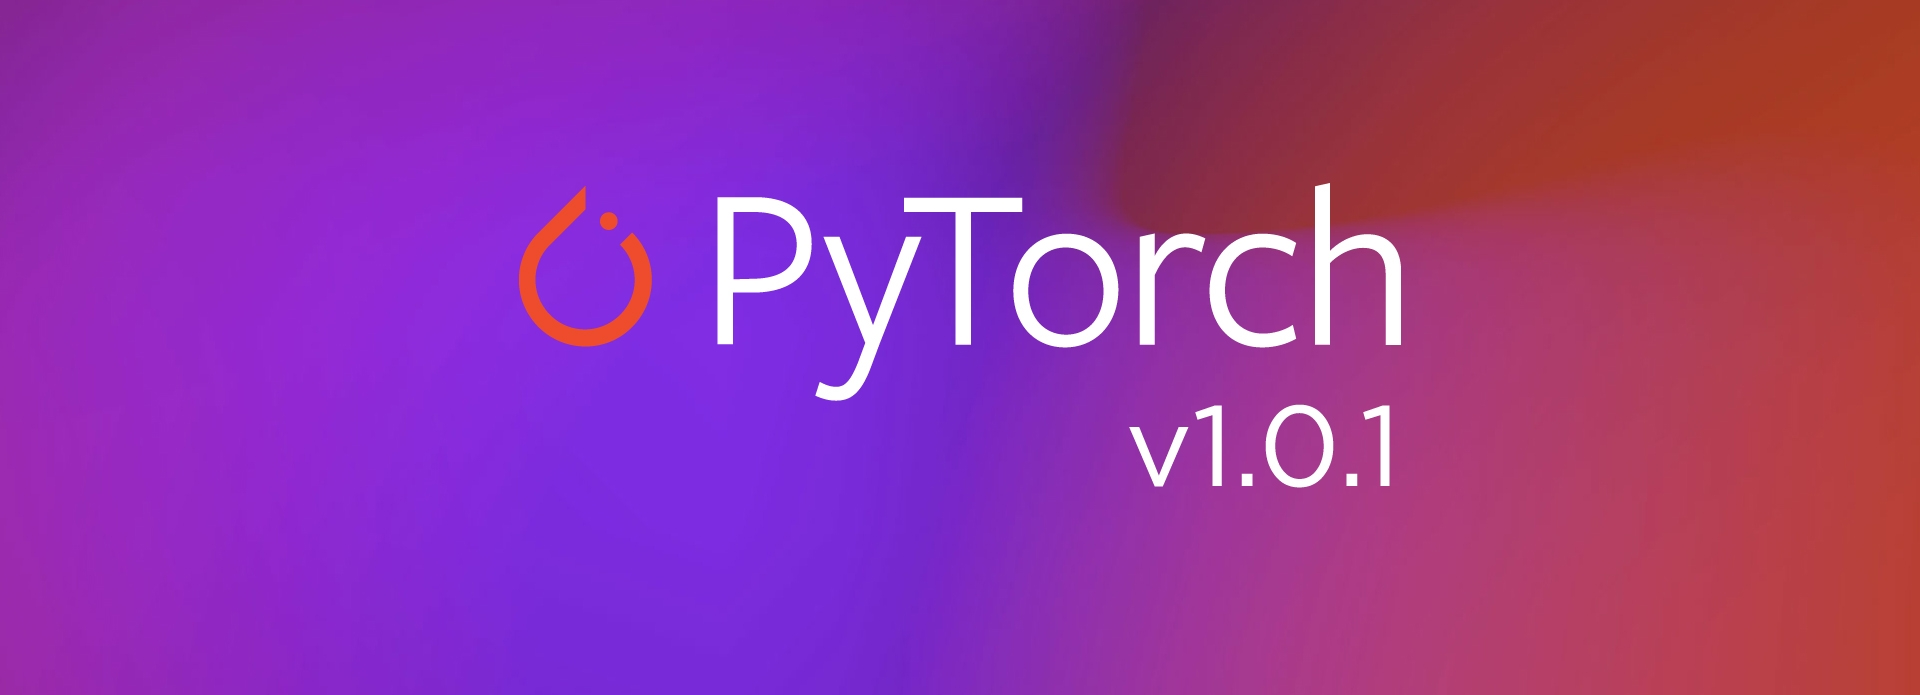 PyTorch-1.0.1.jpg